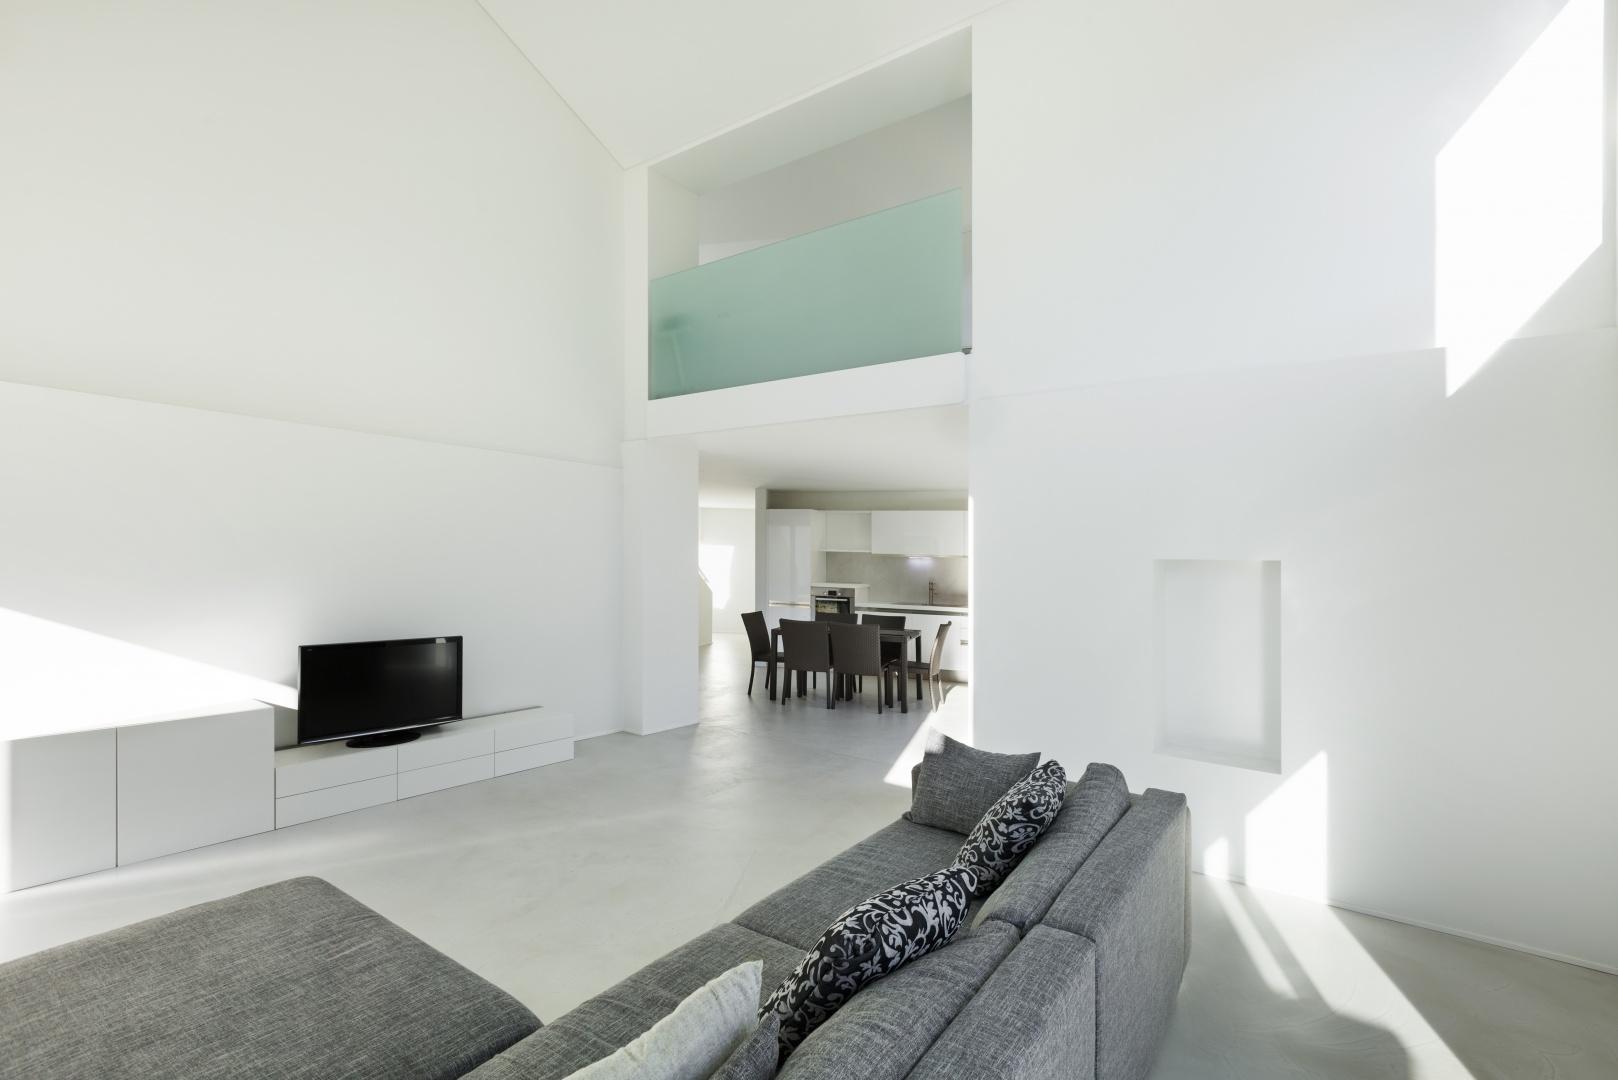 Innenraum Wohn- und Esszimmer © Alexandre Zveiger, Lugano, CH